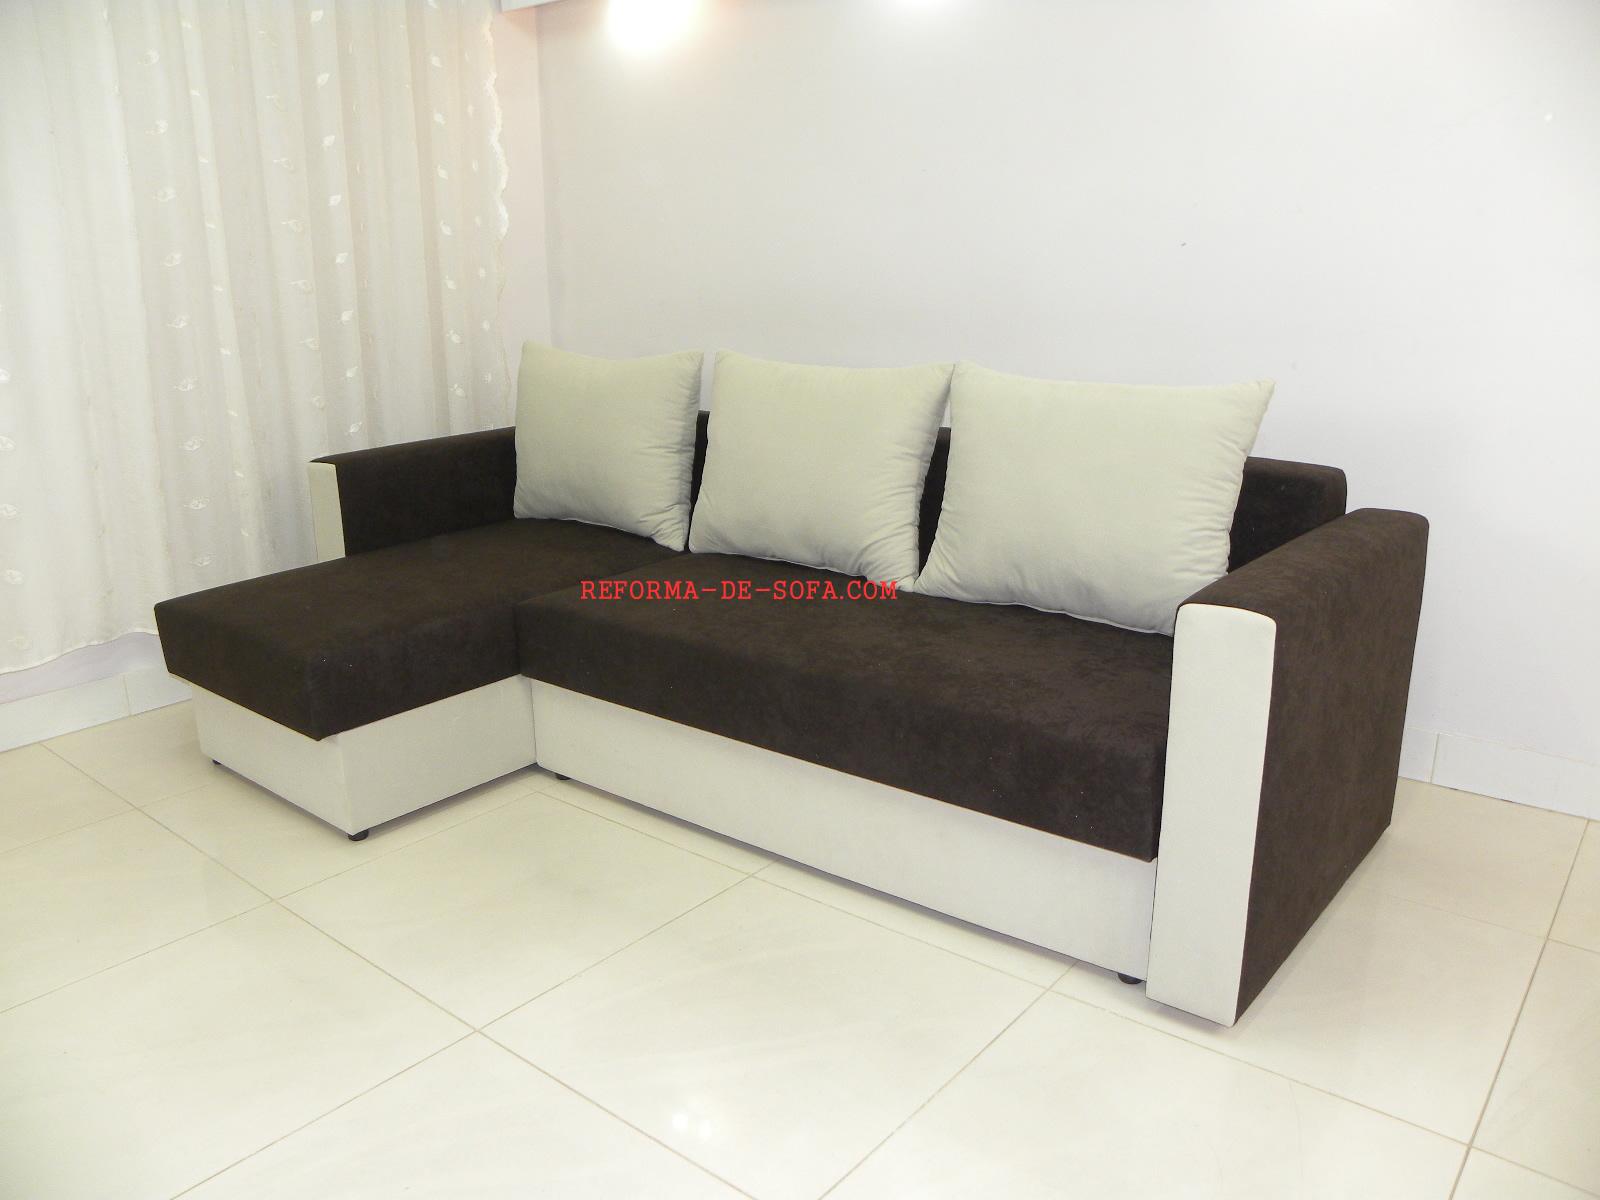 Mudar o modelo do sof sof com novo visual diminuir o - Modelos de sofas ...